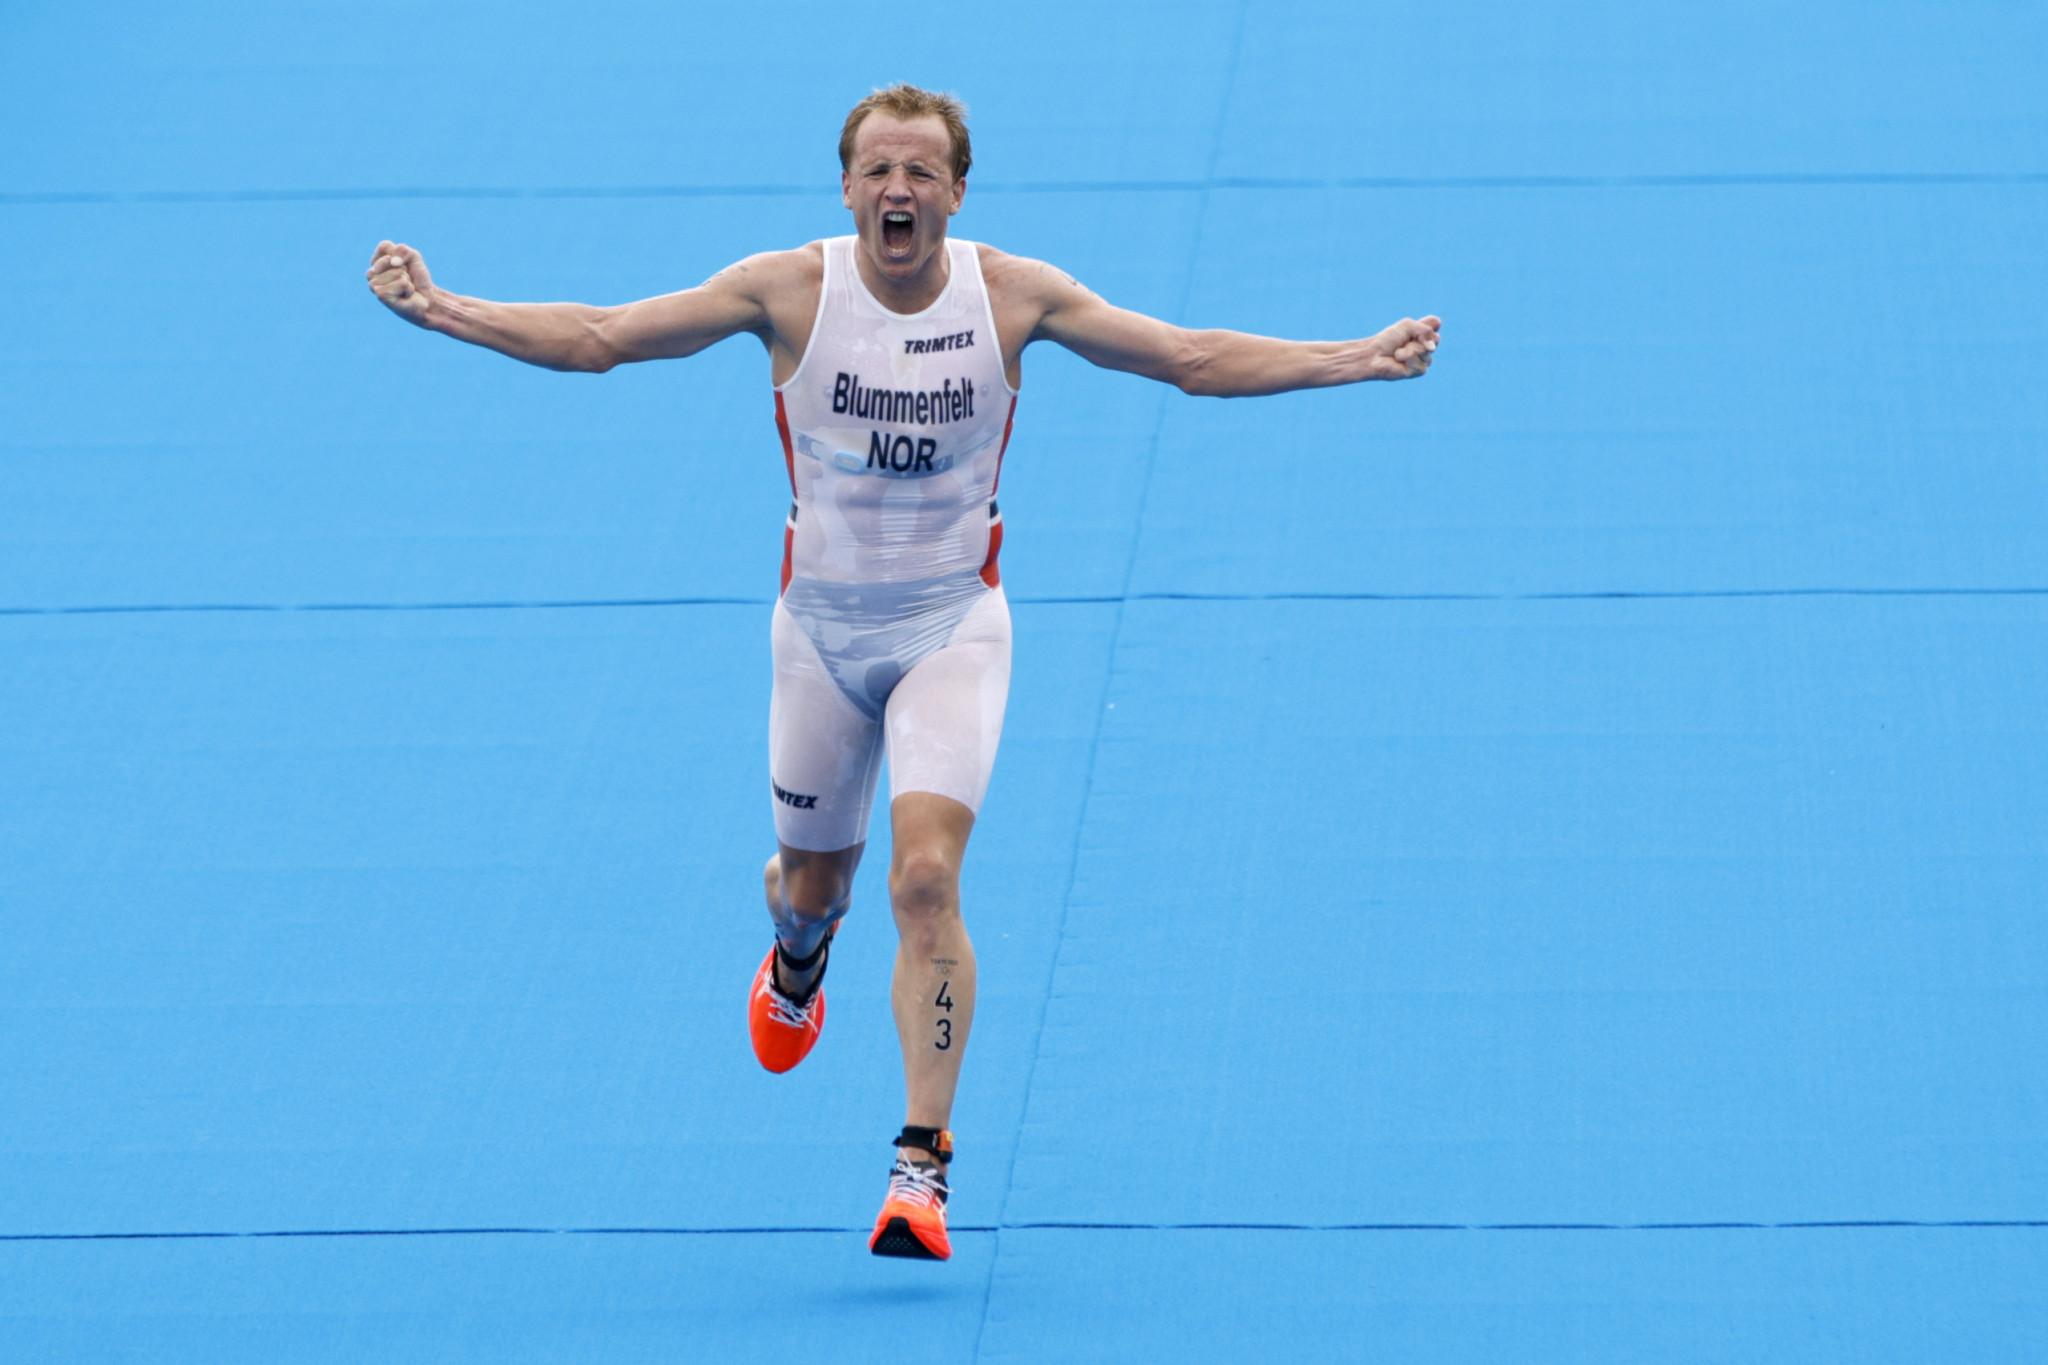 Norwegian Blummenfelt gobbles up gold for breakfast in Olympic triathlon